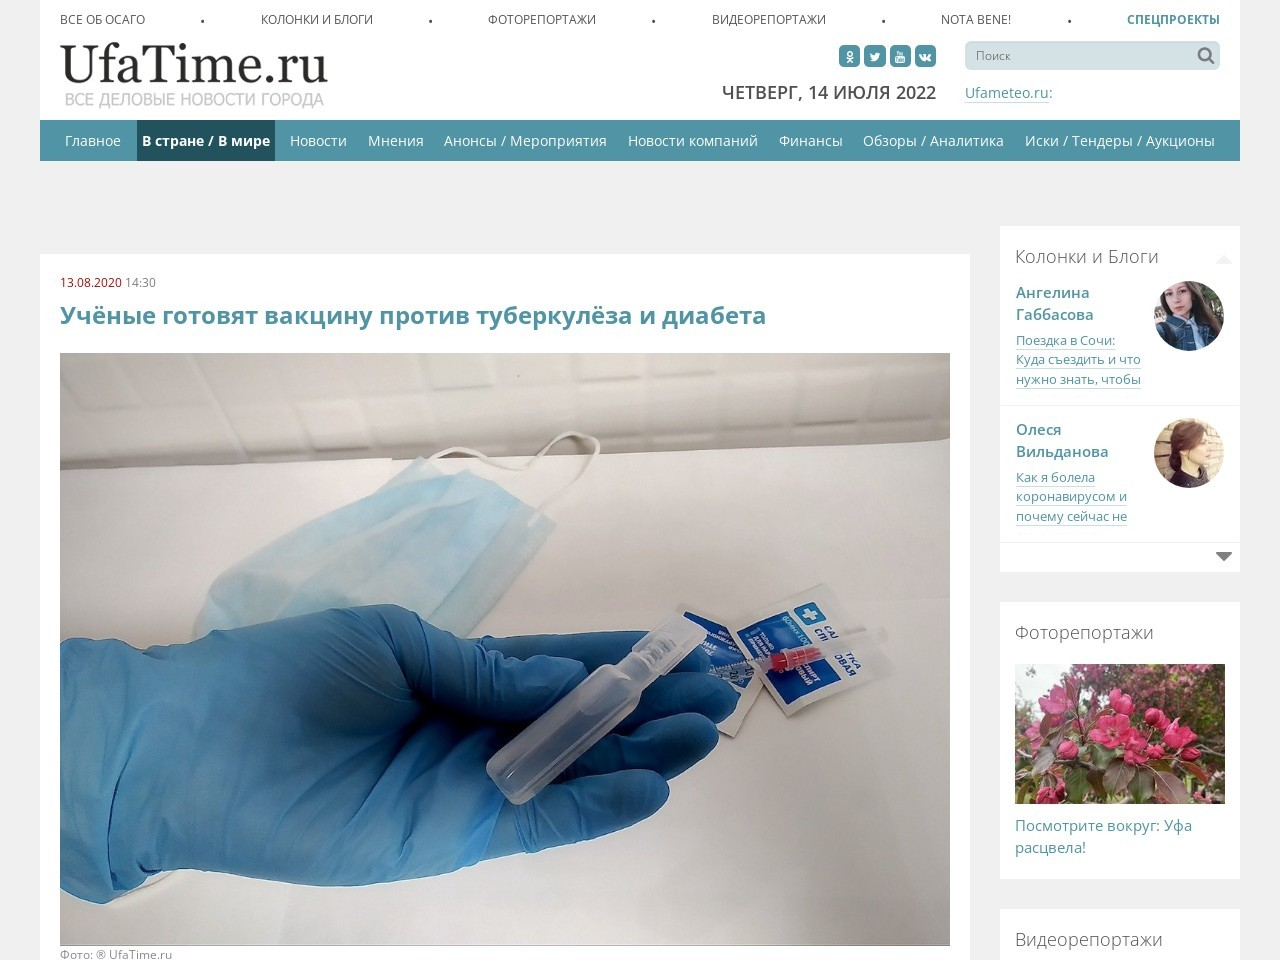 Des scientifiques préparent un vaccin contre la tuberculose et le diabète